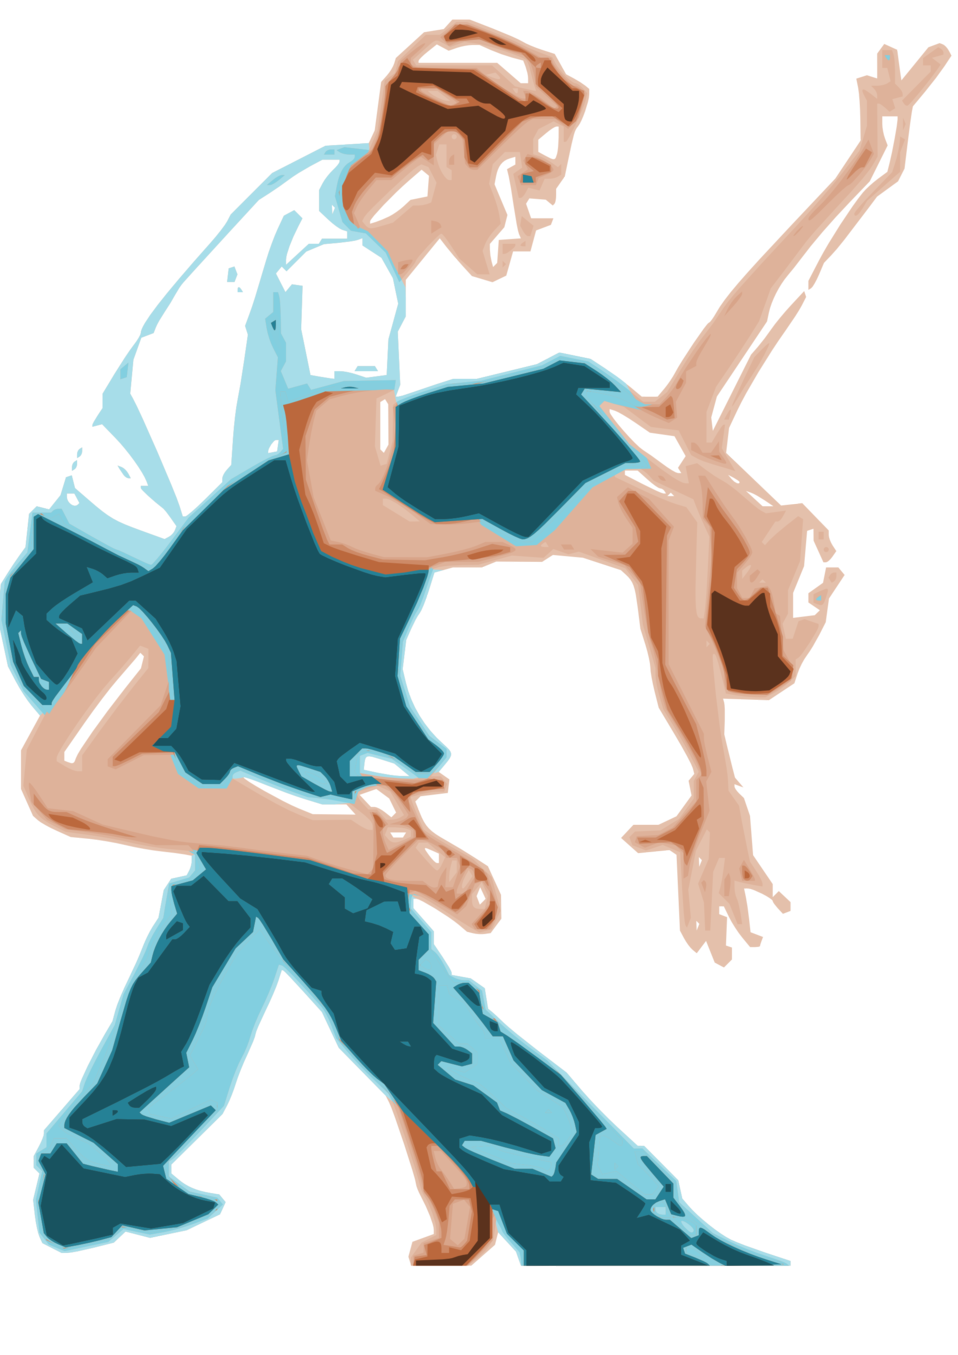 Clipart man dancer. Public domain clip art